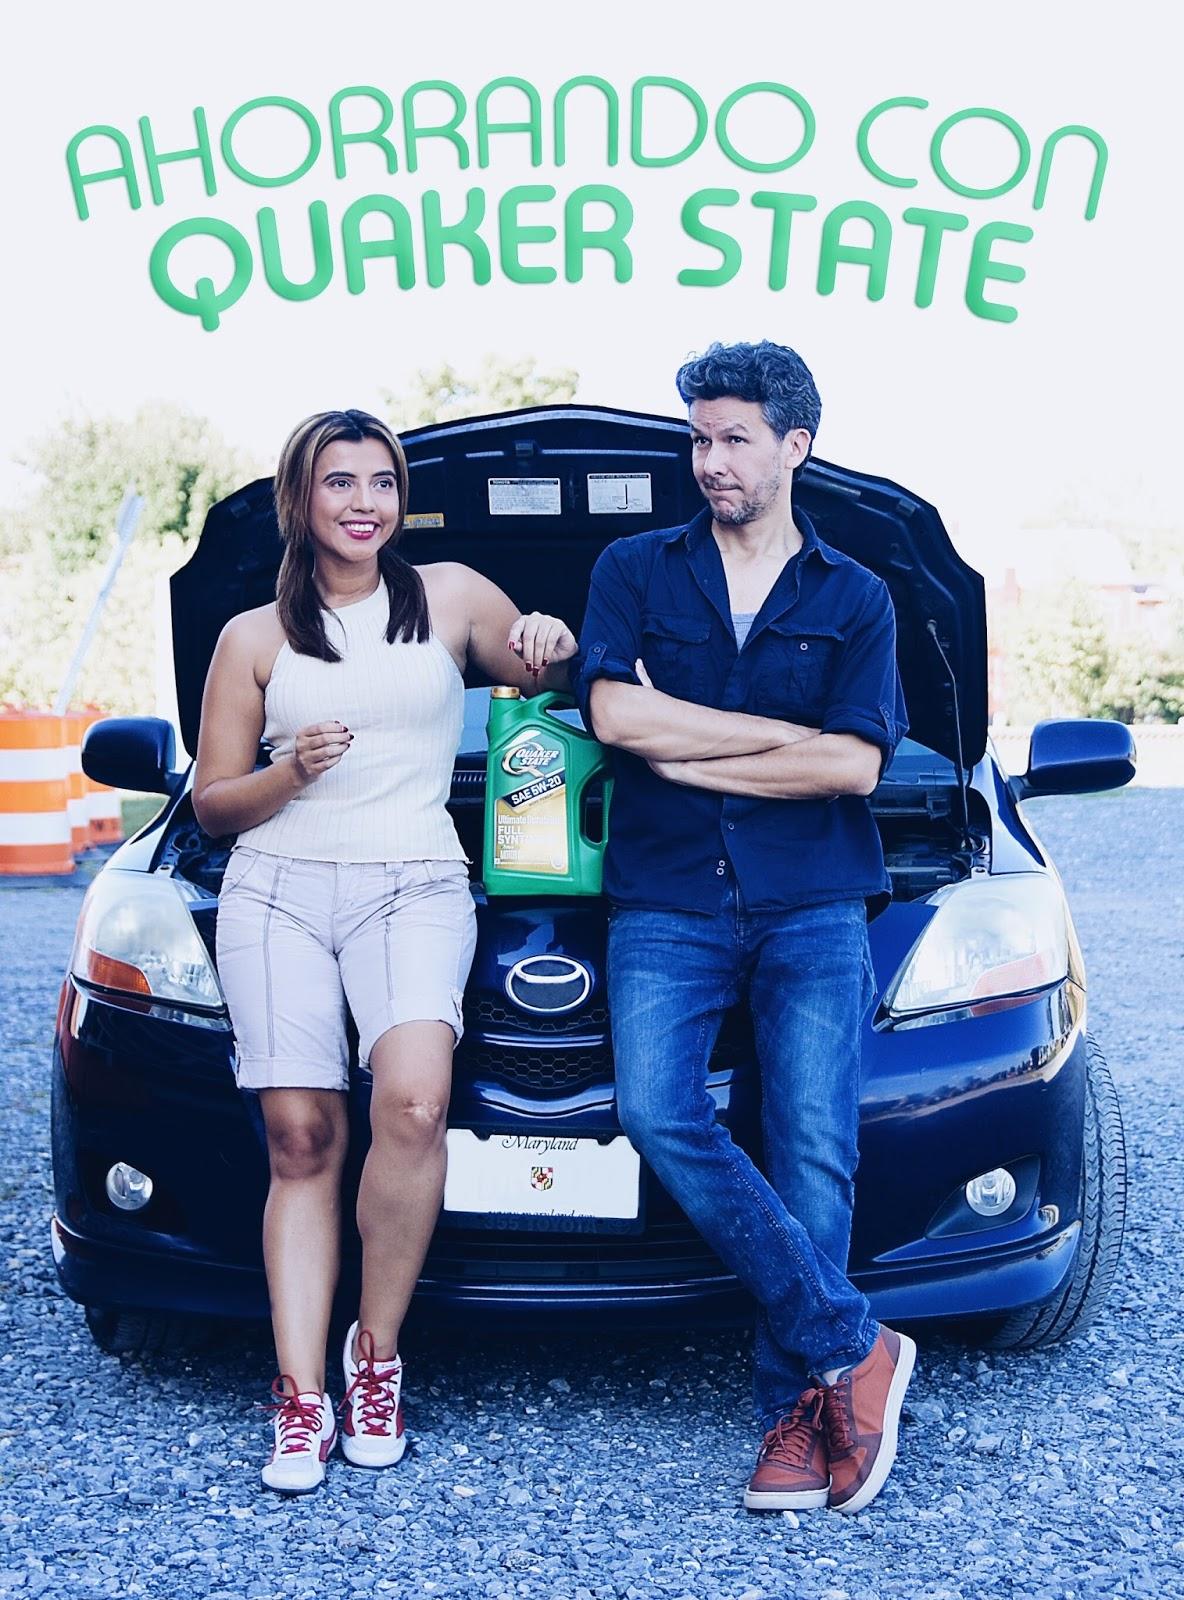 Ahorrando con Quaker State y Los Chuchis by Mari Estilo.